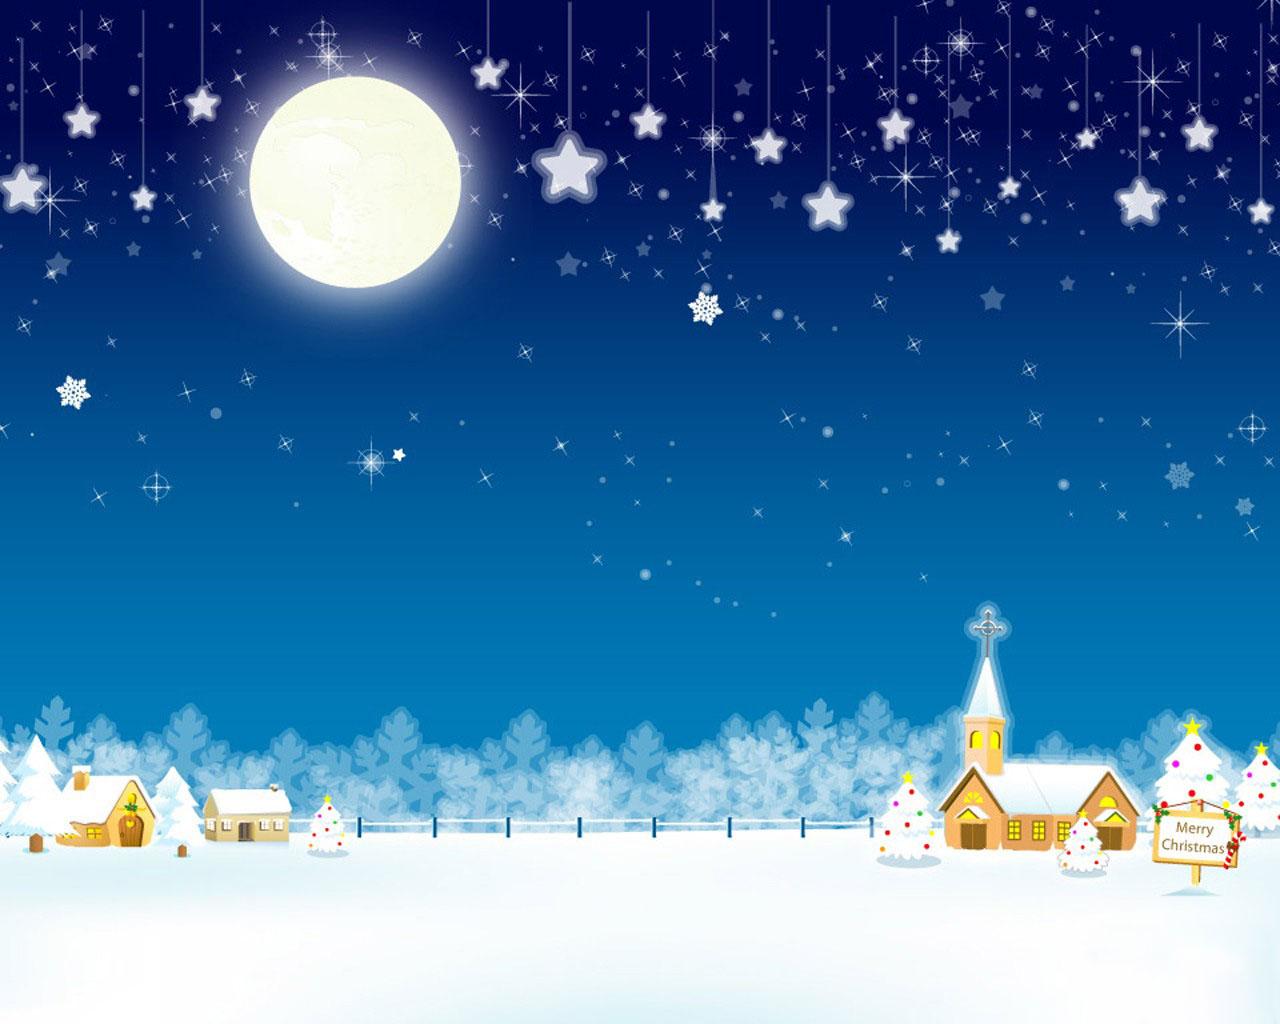 Animated Christmas Background 1280x1024